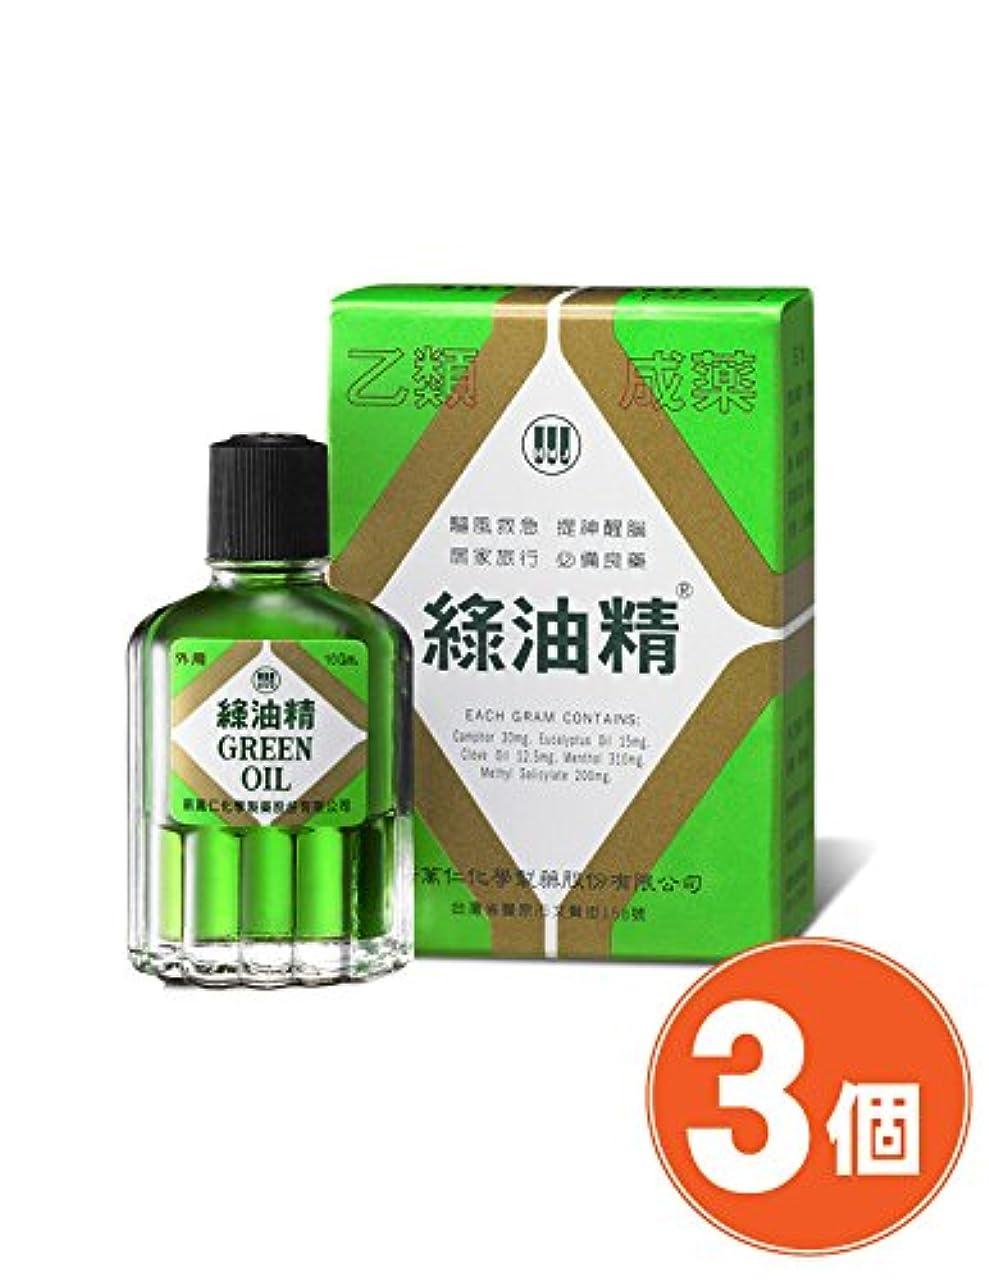 遠えリーチフェード《新萬仁》台湾の万能グリーンオイル 緑油精 10g ×3個 《台湾 お土産》 [並行輸入品]